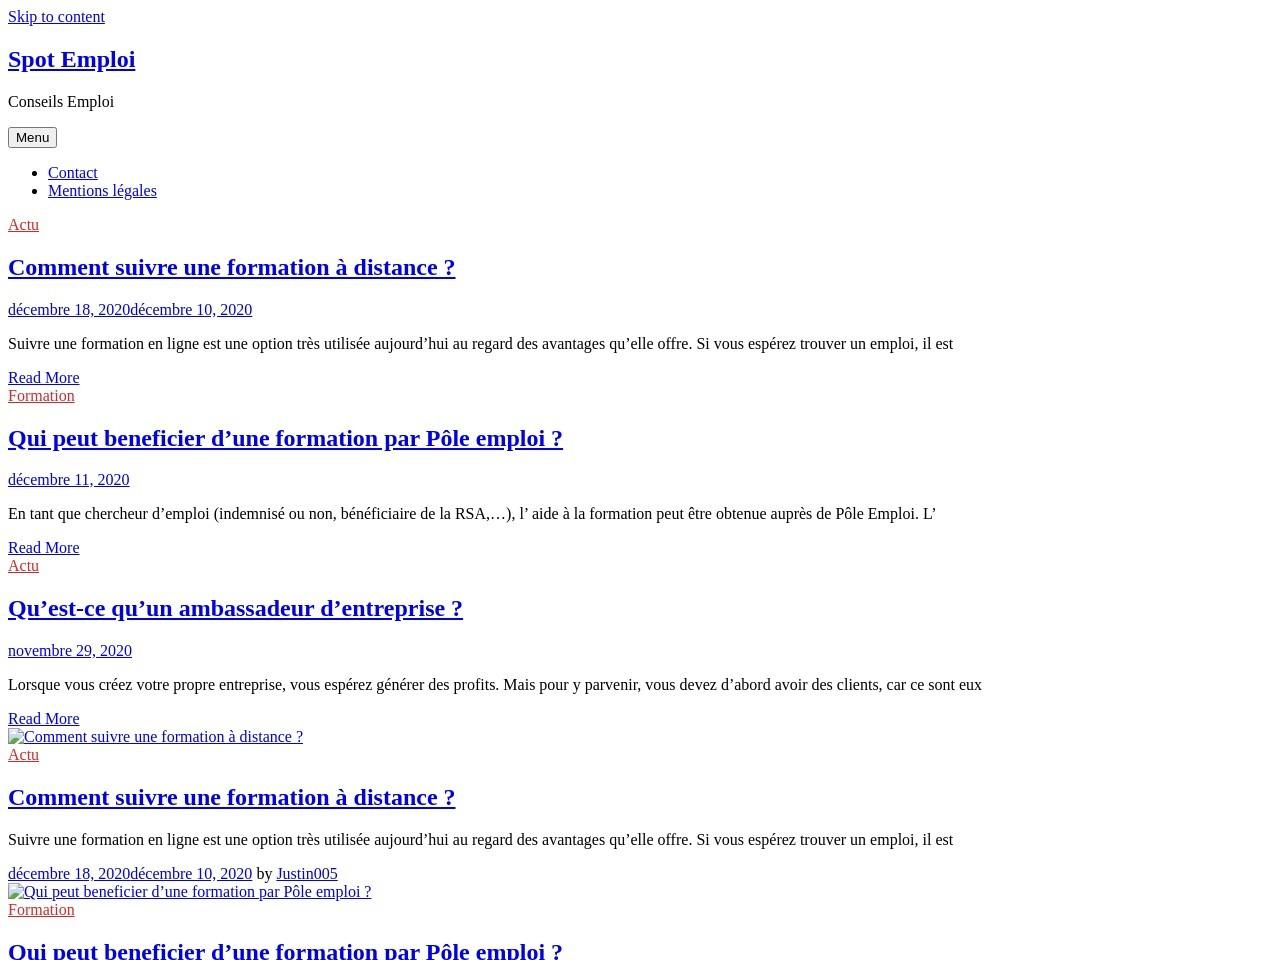 spotemploi.com